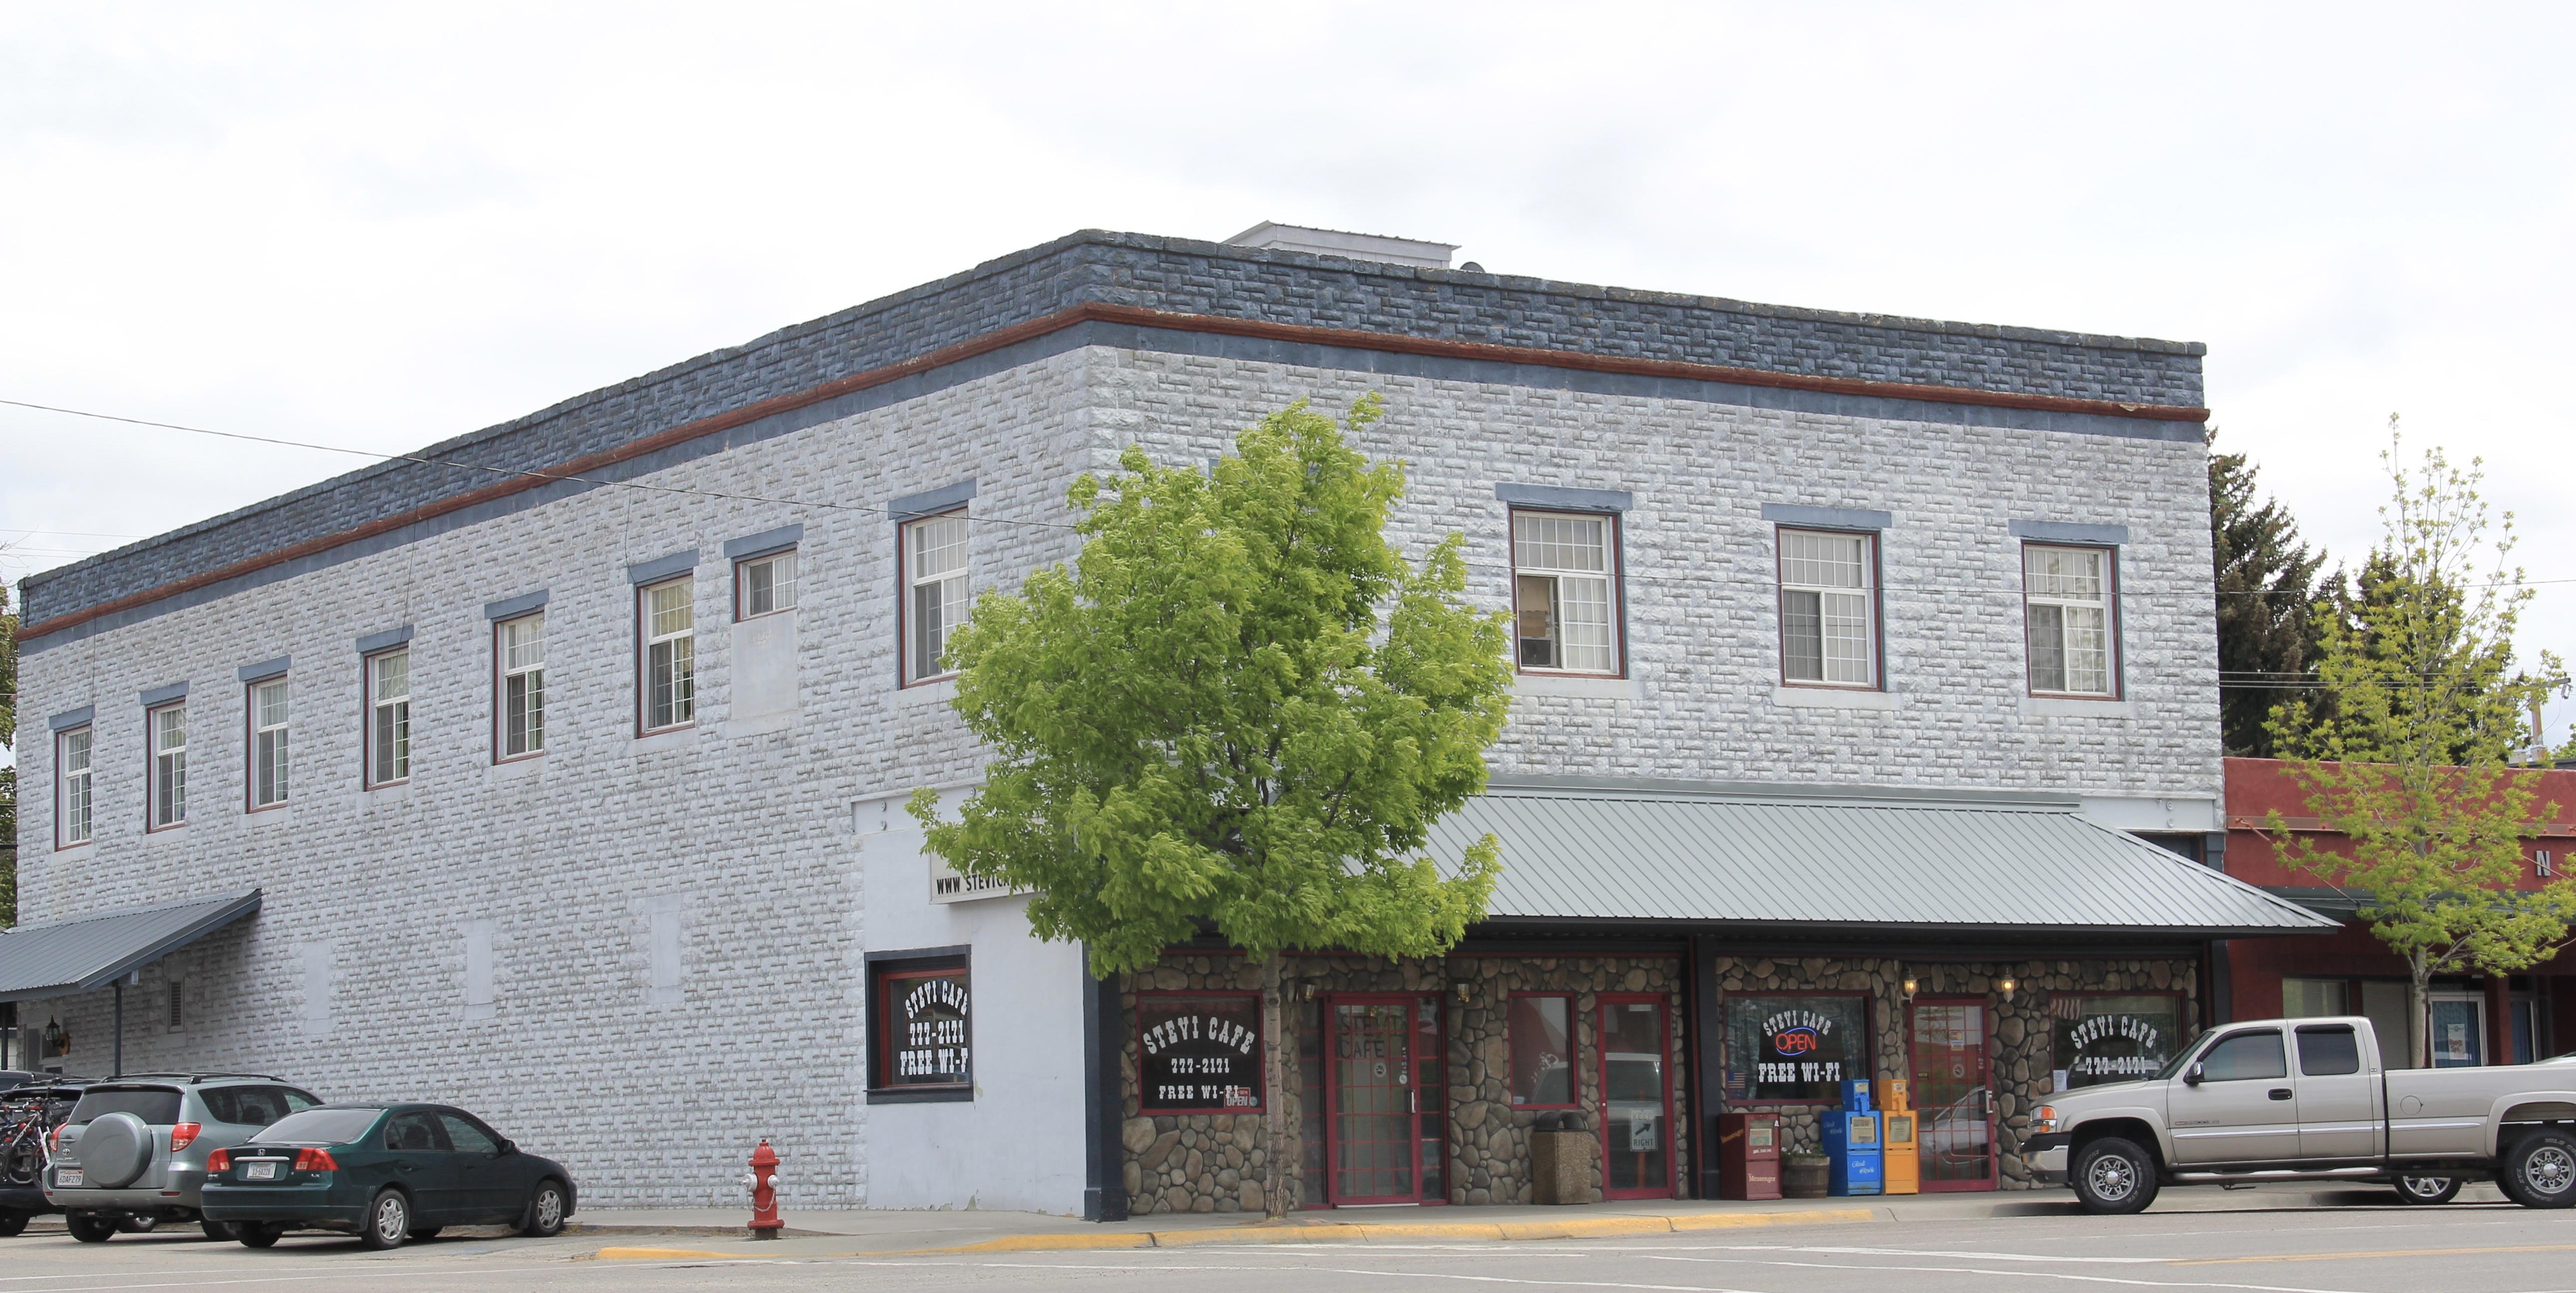 200-202 Main St, Gleason Bldg, Stevensville NR